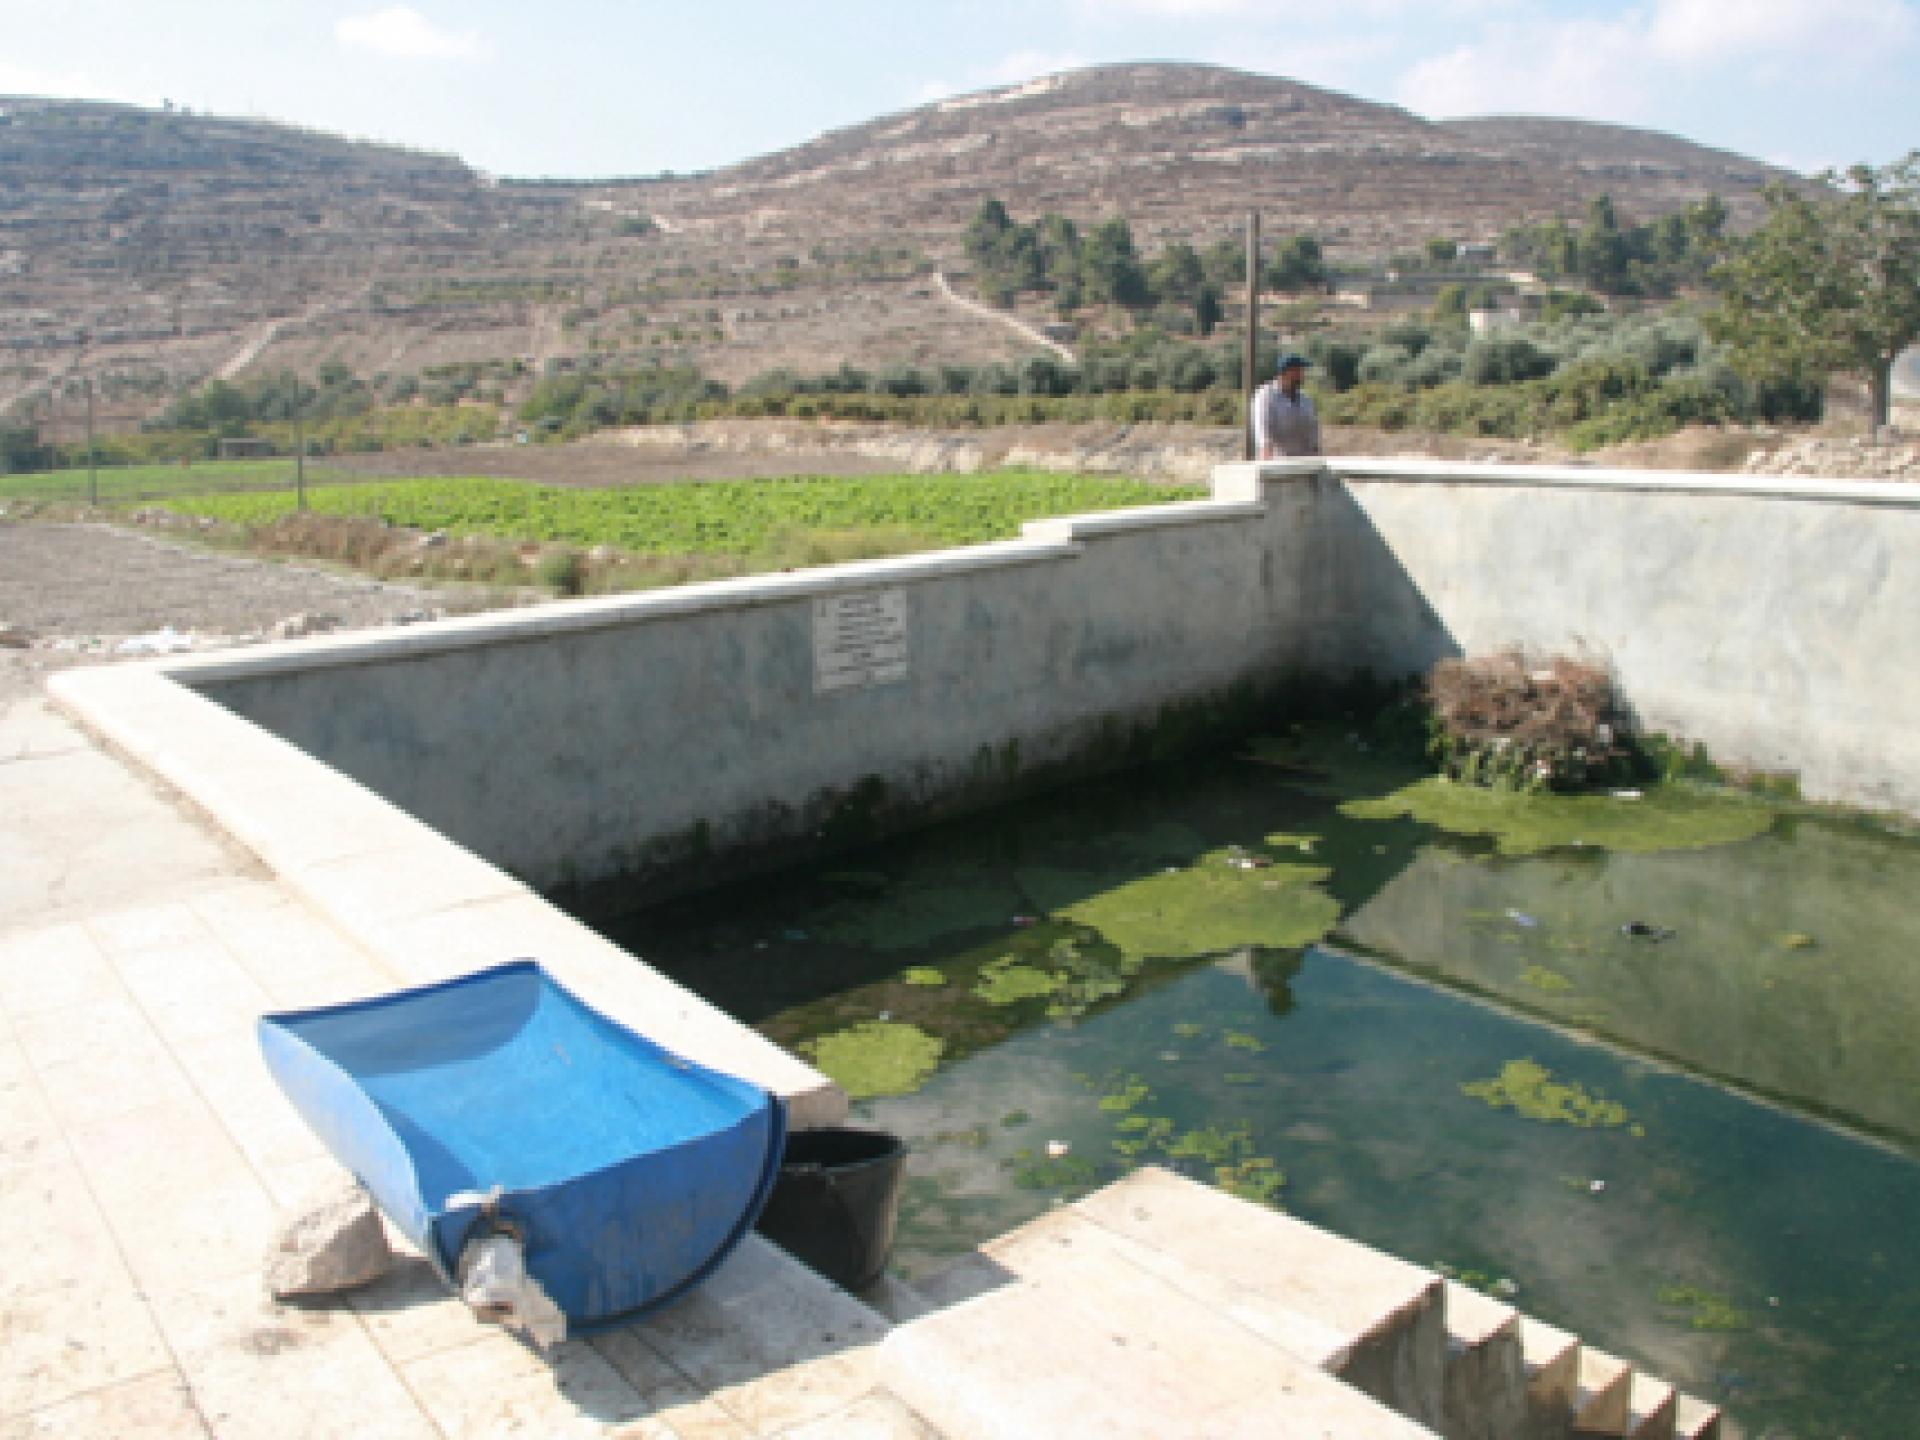 במעיין לפני צומת דורא-אל פוואר שאבו מים לעדרים